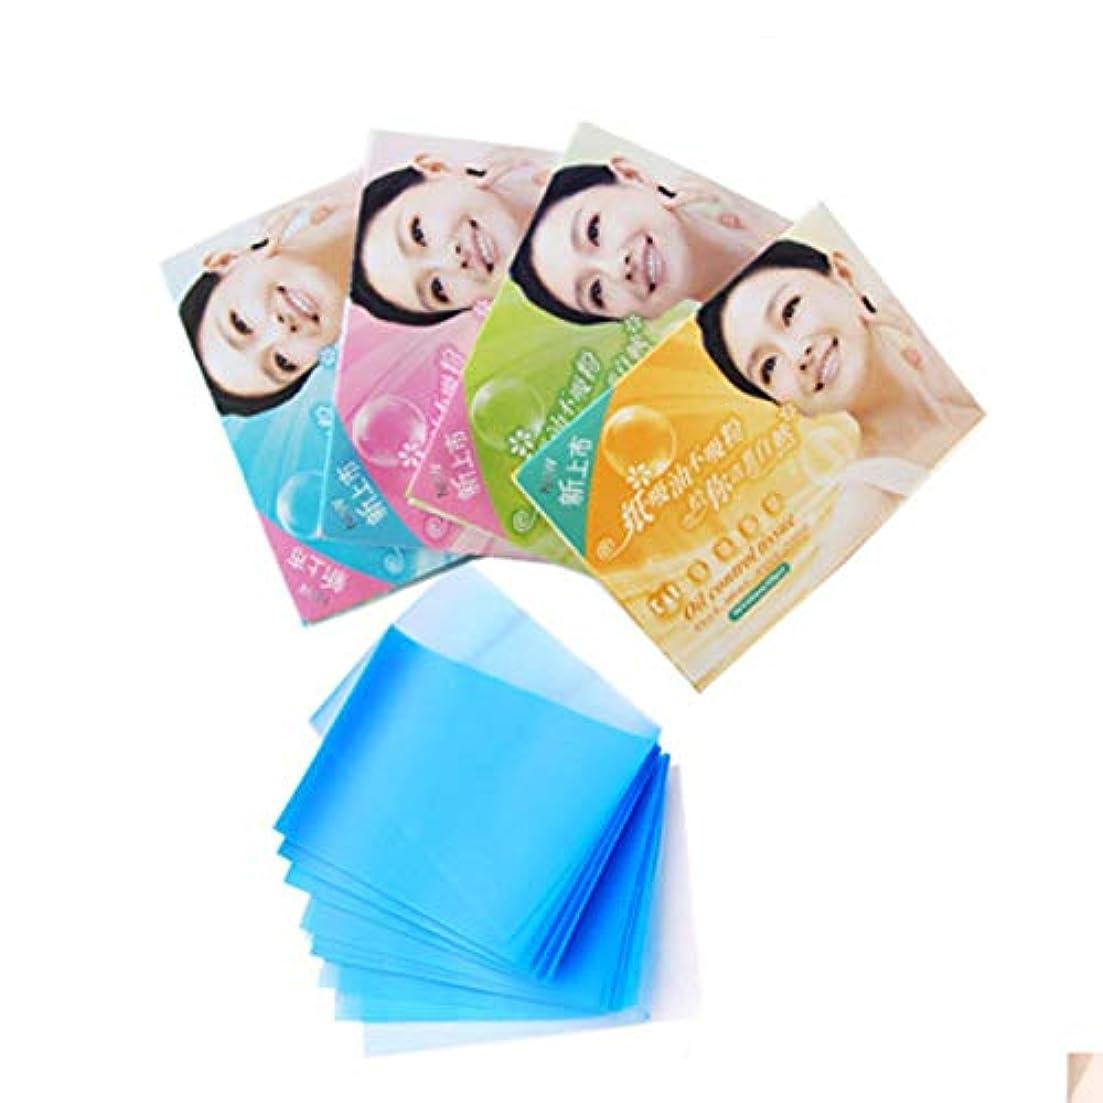 悪化する健康吐き出すQuzama-JS 有益なメイクアップオイル吸い込み顔顔きれいな紙(None 1)